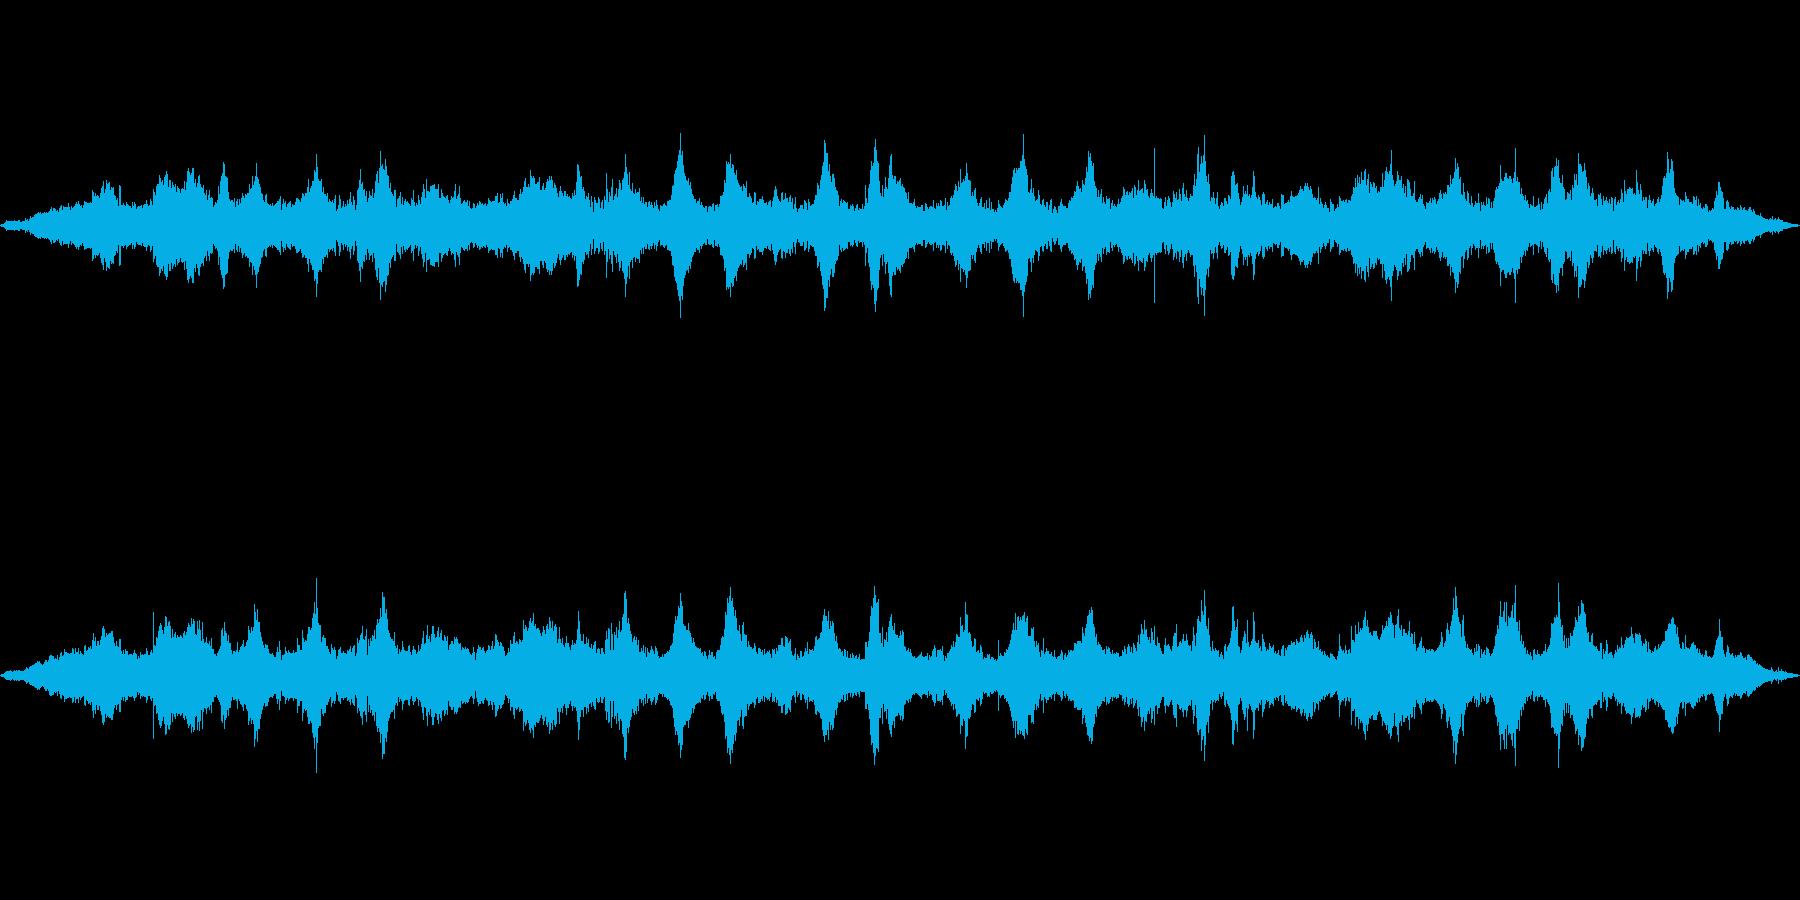 海 波 浜辺 海岸 カモメの環境音 22の再生済みの波形